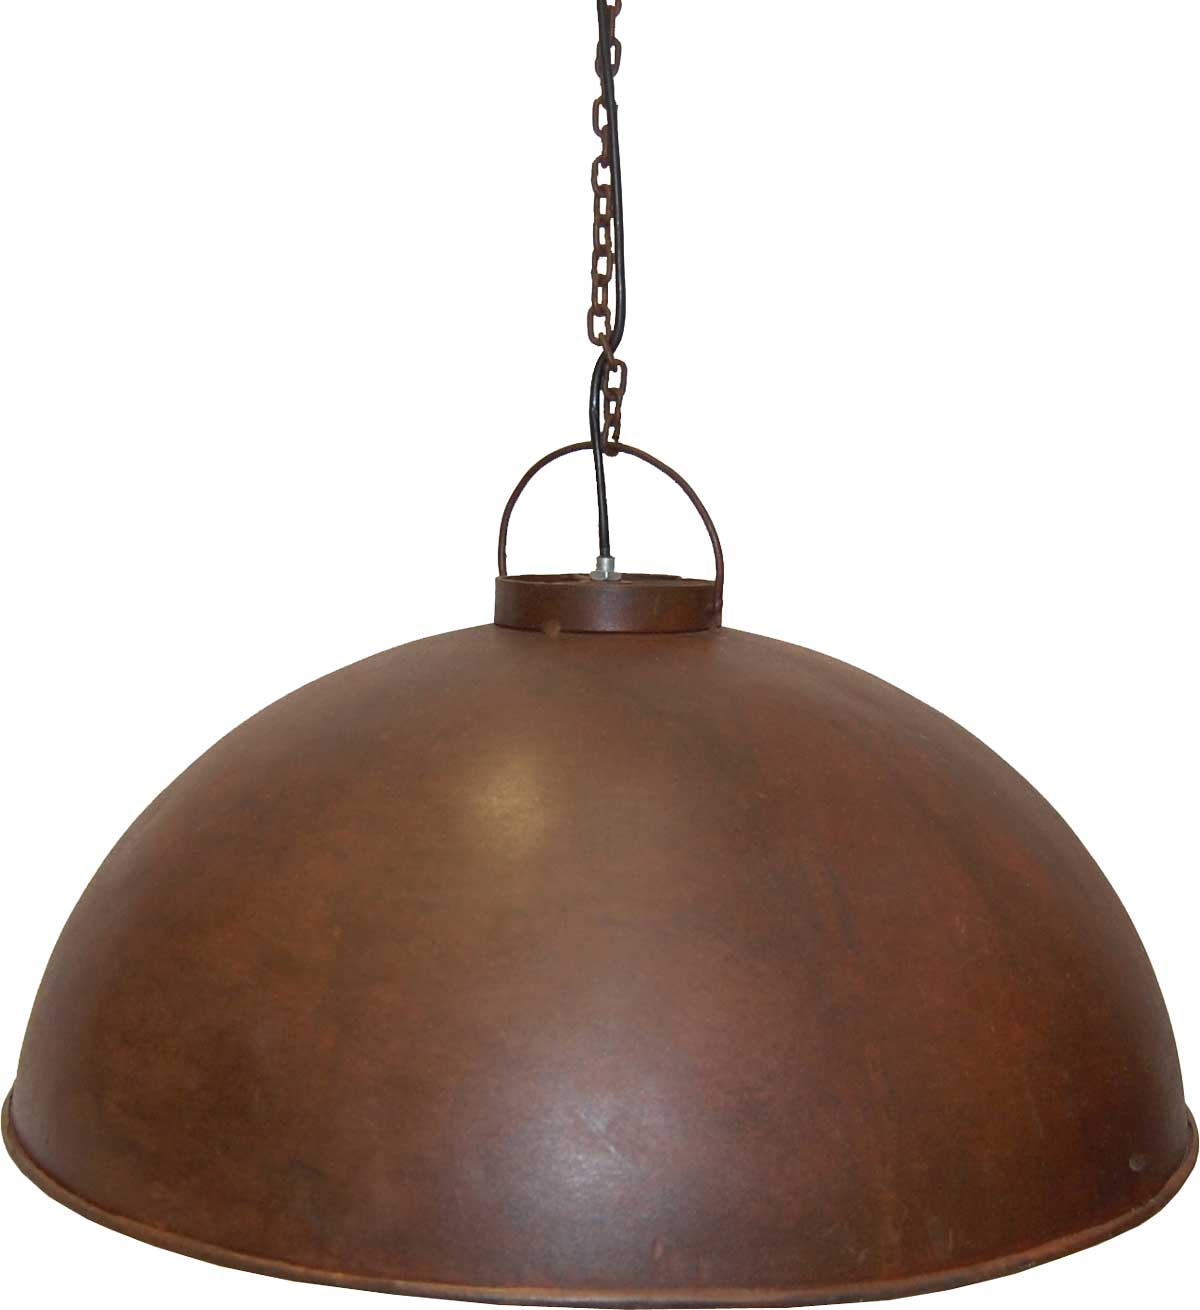 Image of   TRADEMARK LIVING Loftpendel i fabriksstil - rusty finish